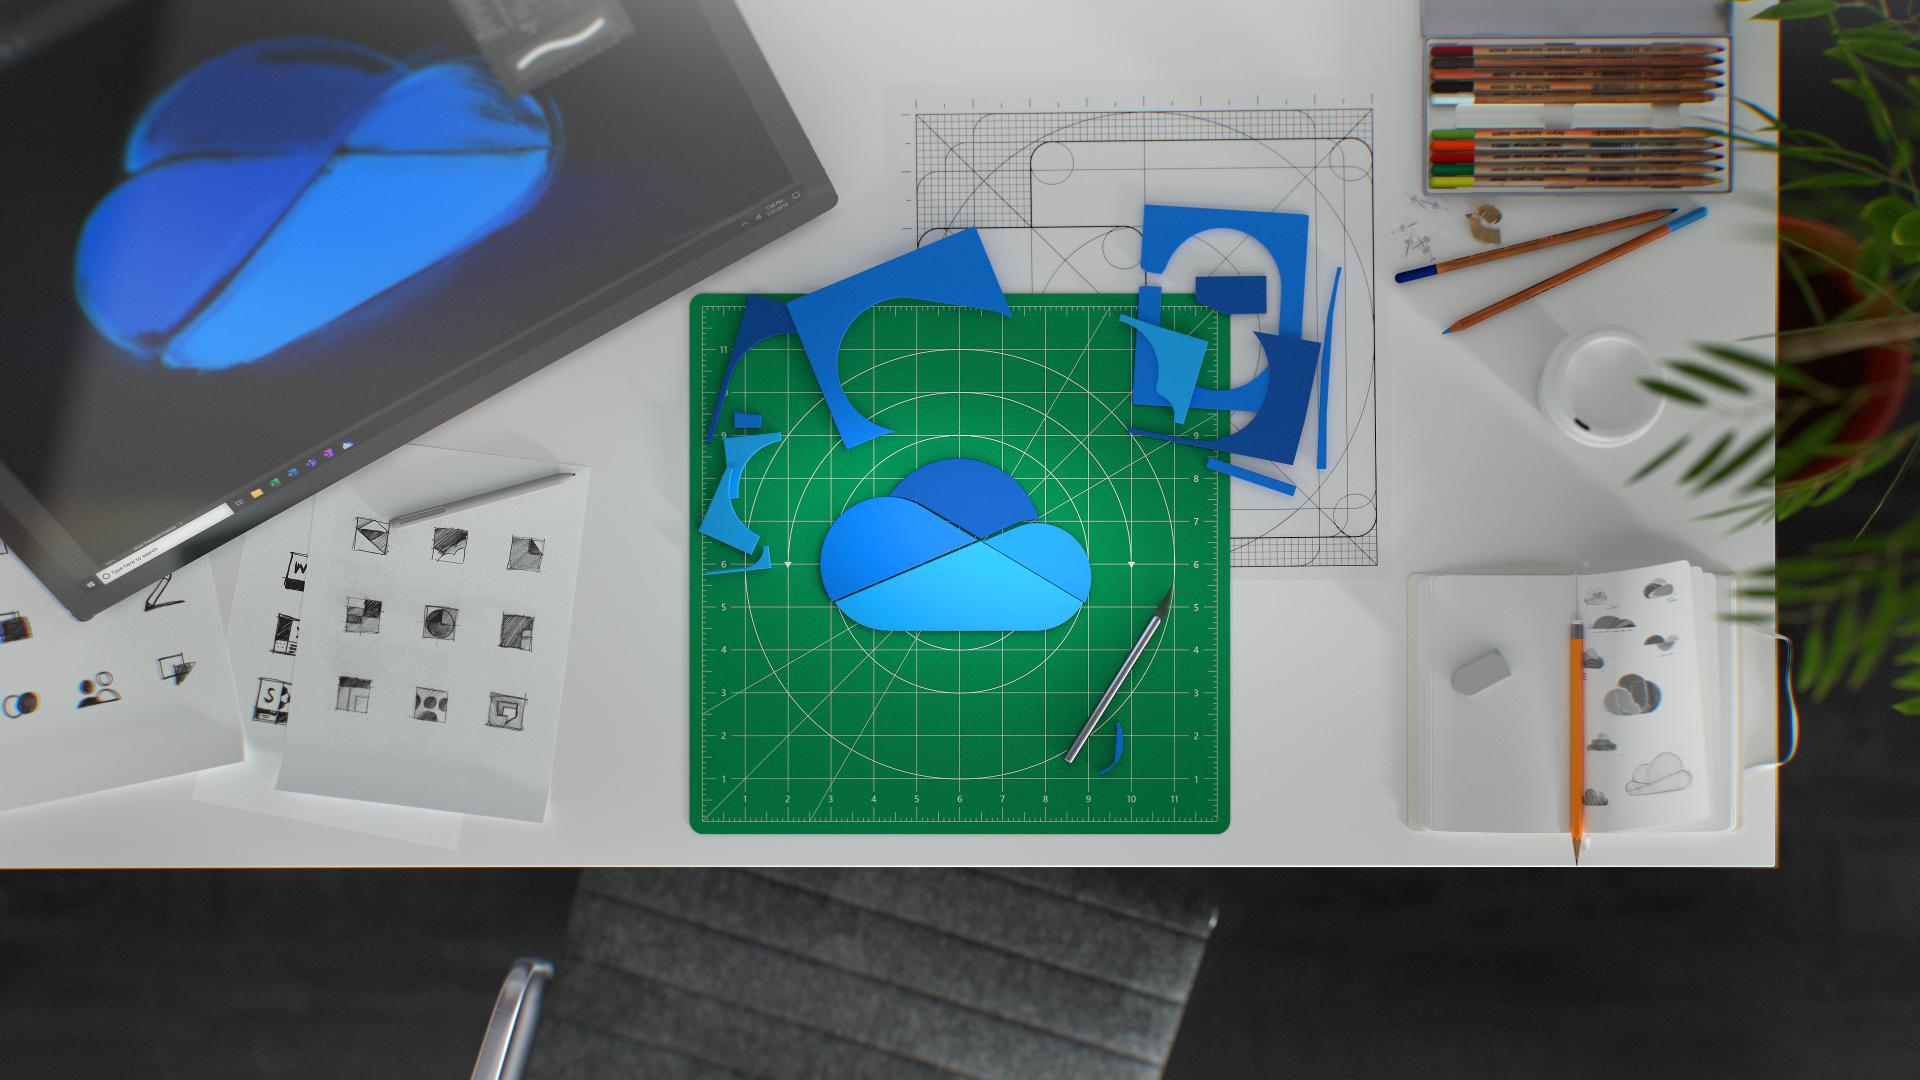 微软Office图标全新来袭:极具科技感的视觉冲击的照片 - 7